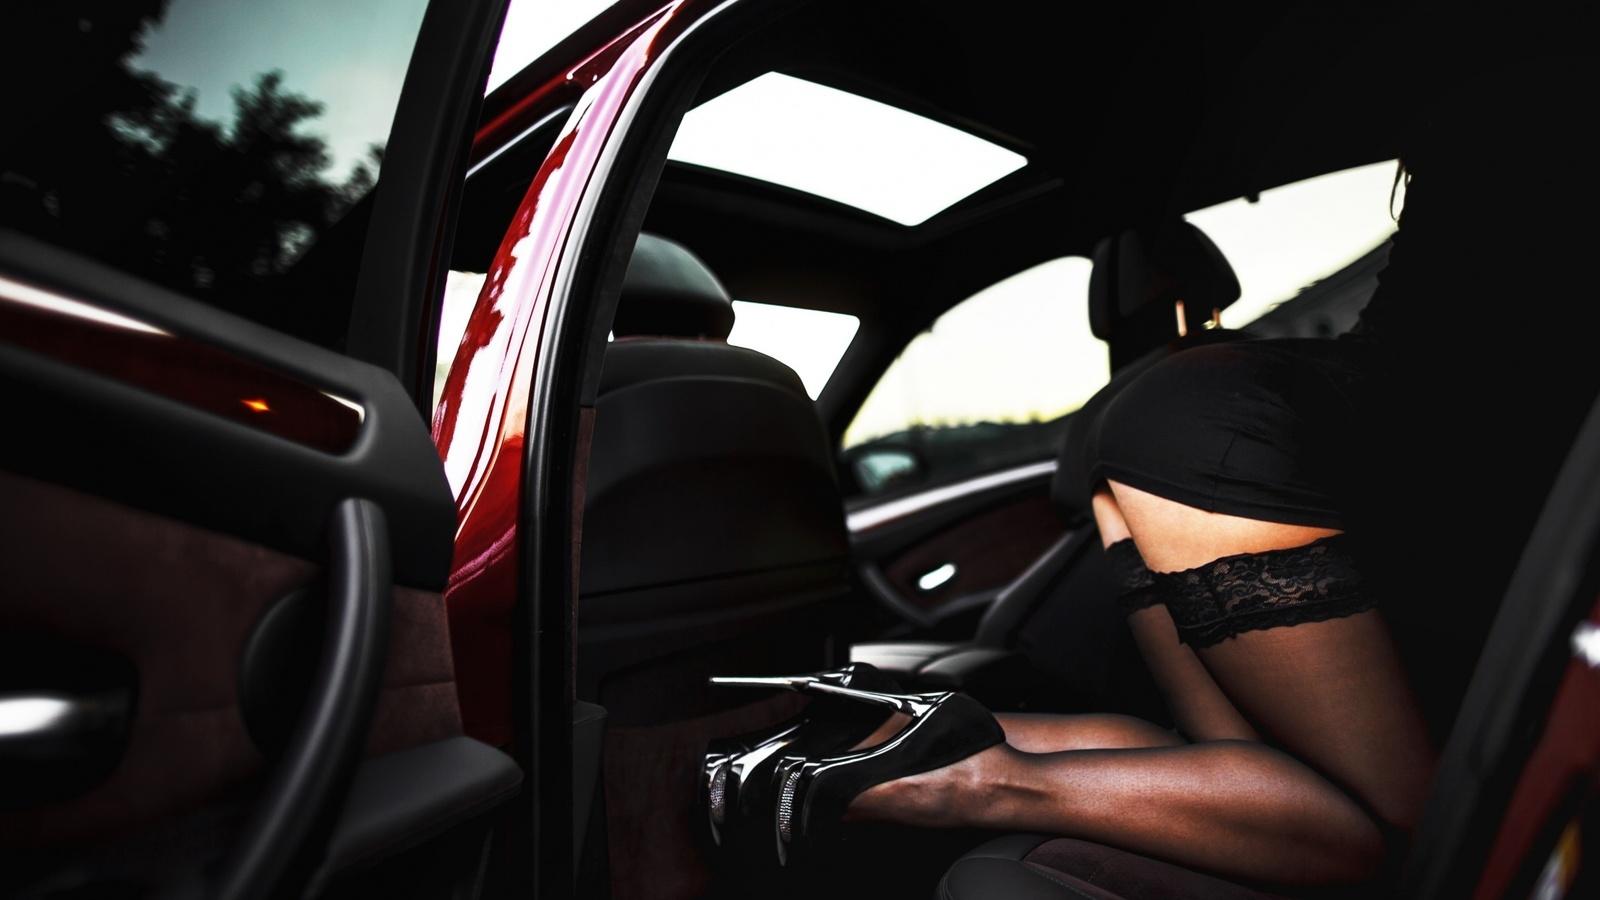 фотографии девушек в салоне автомобилей эротические первыми